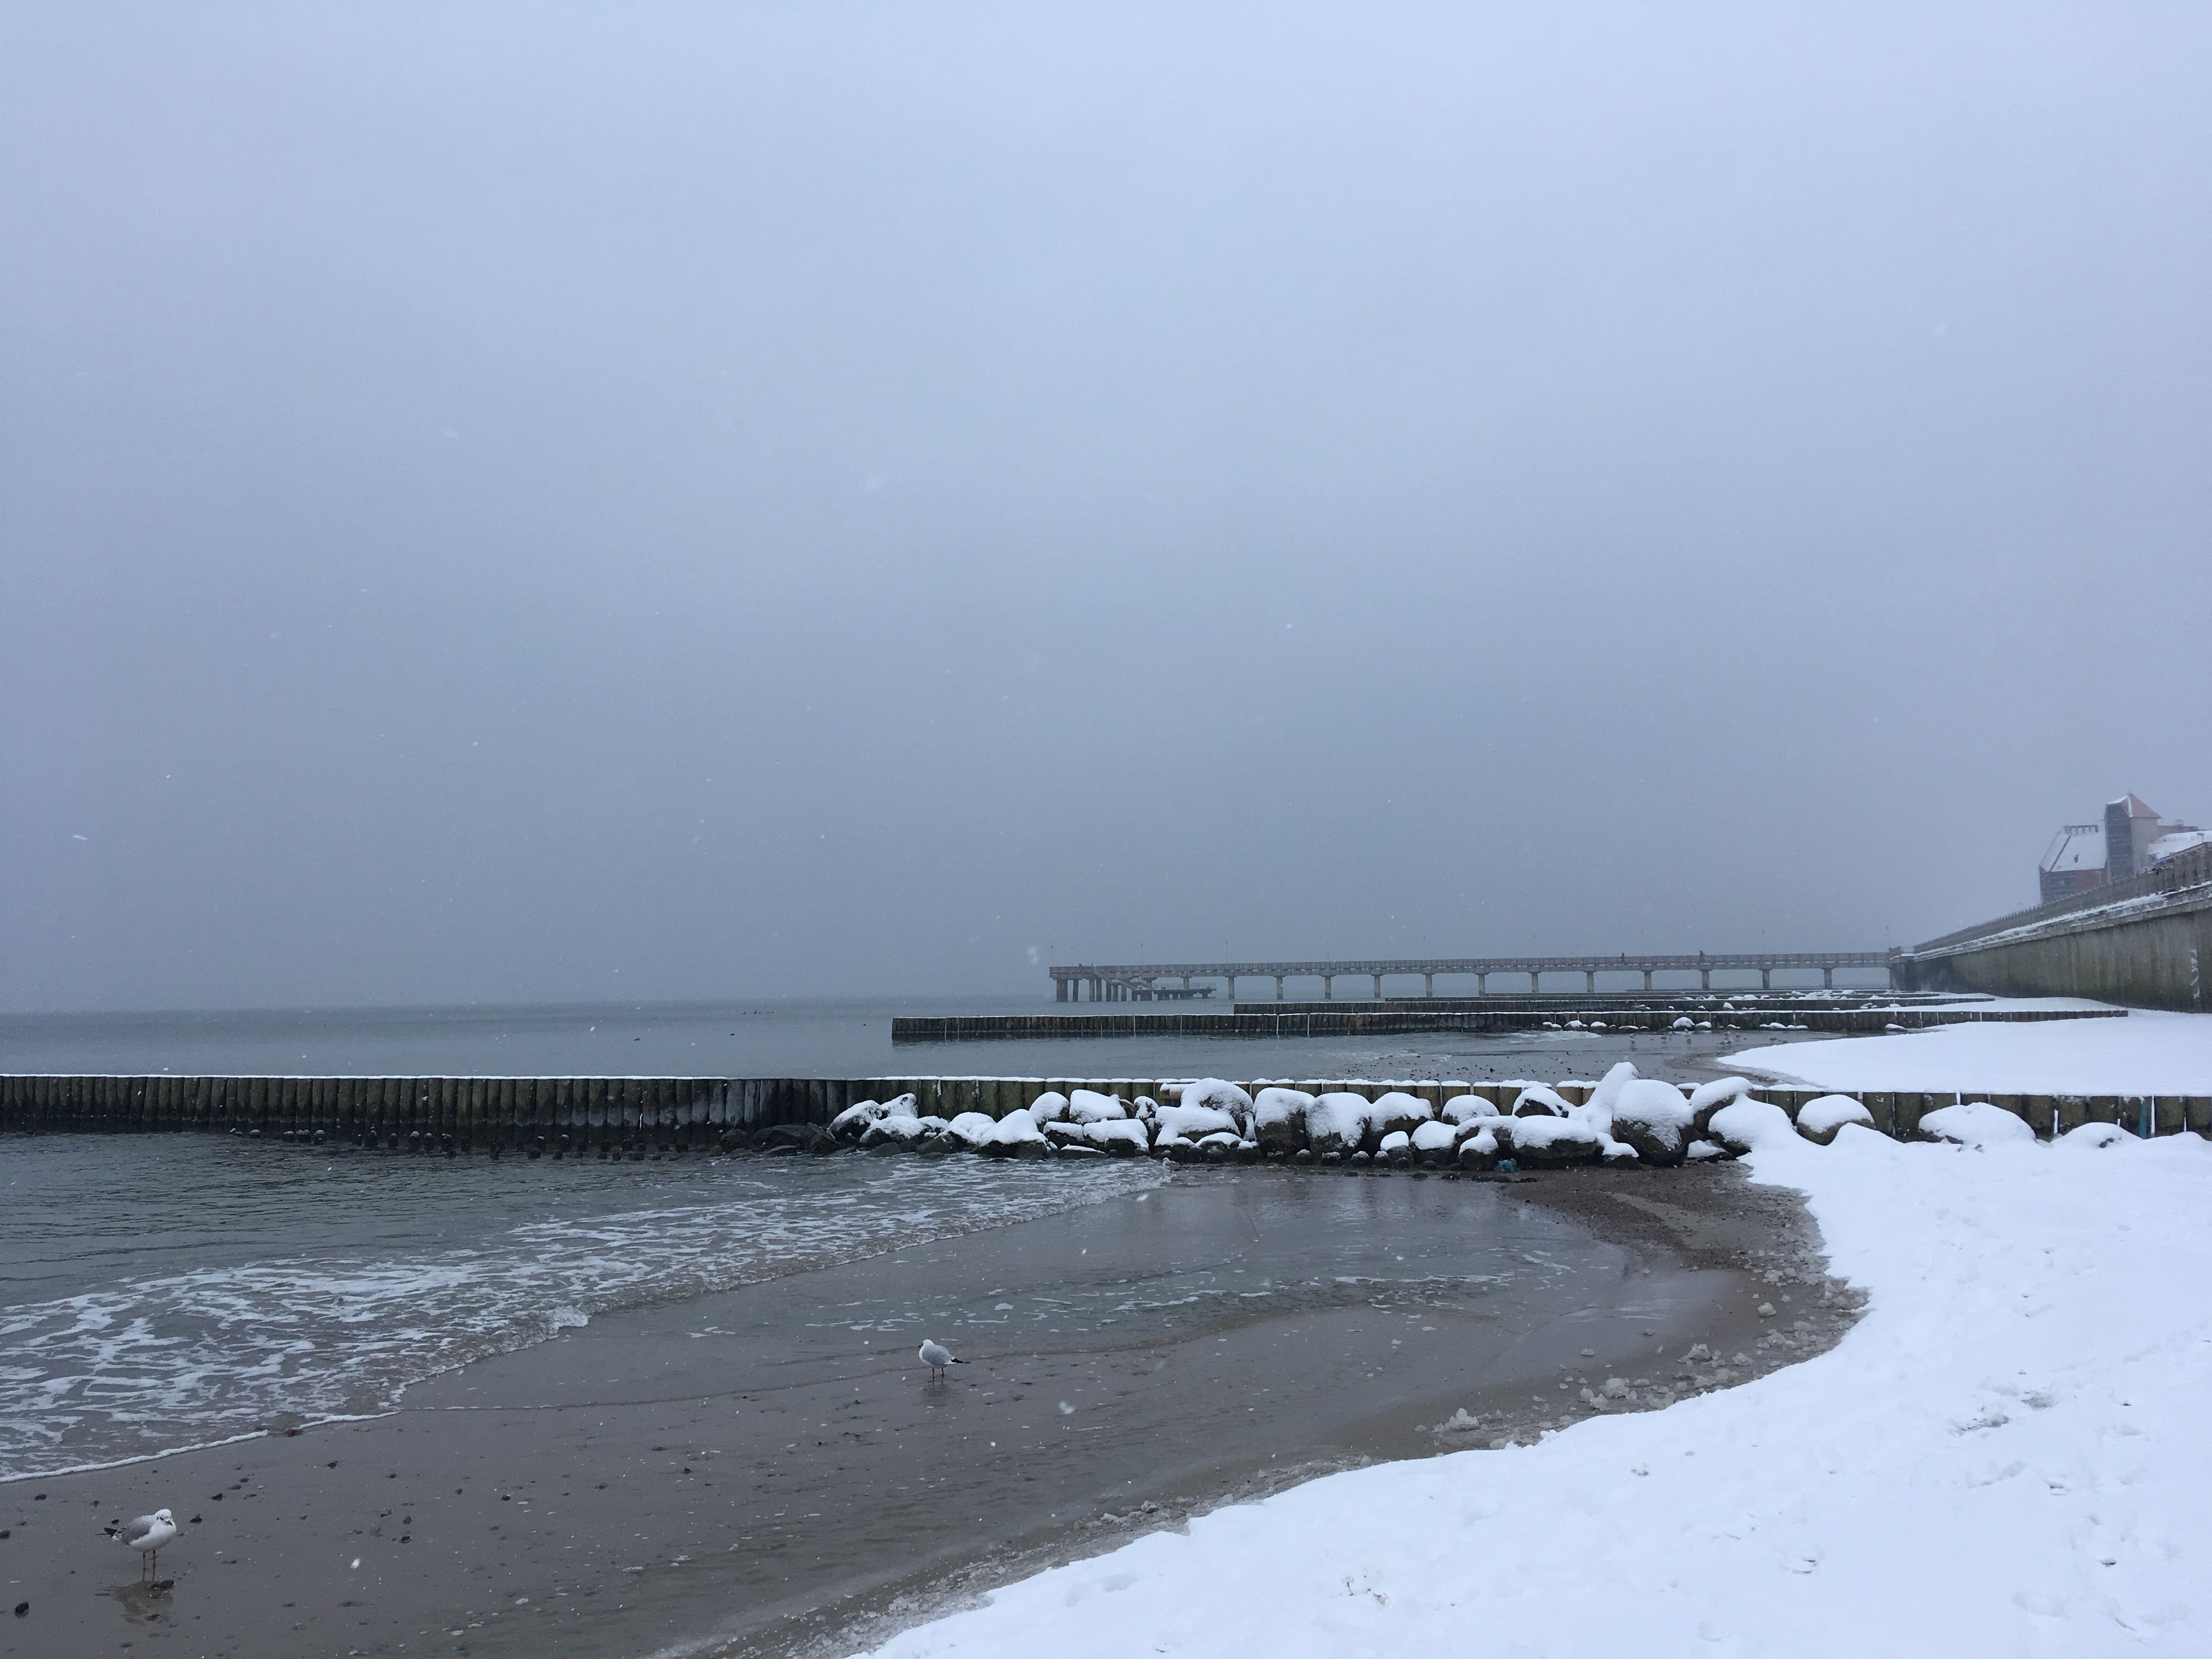 Вид с берега на пирс. Балтийское море. Фото: Vladimir Shveda